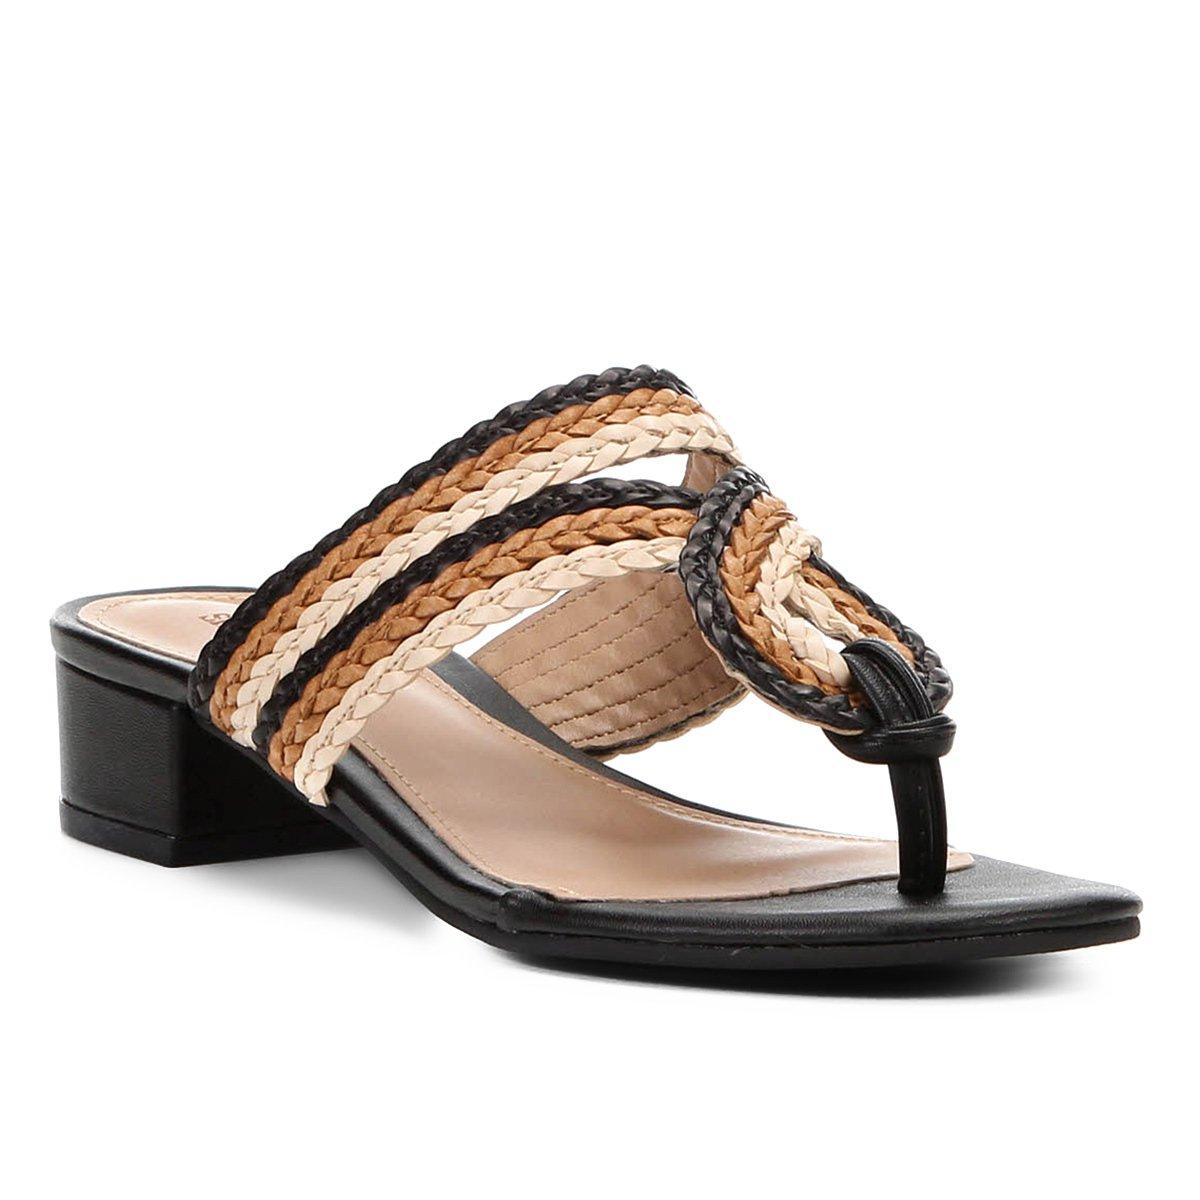 f539f44846 Tamanco Shoestock Trançado Nó Feminino